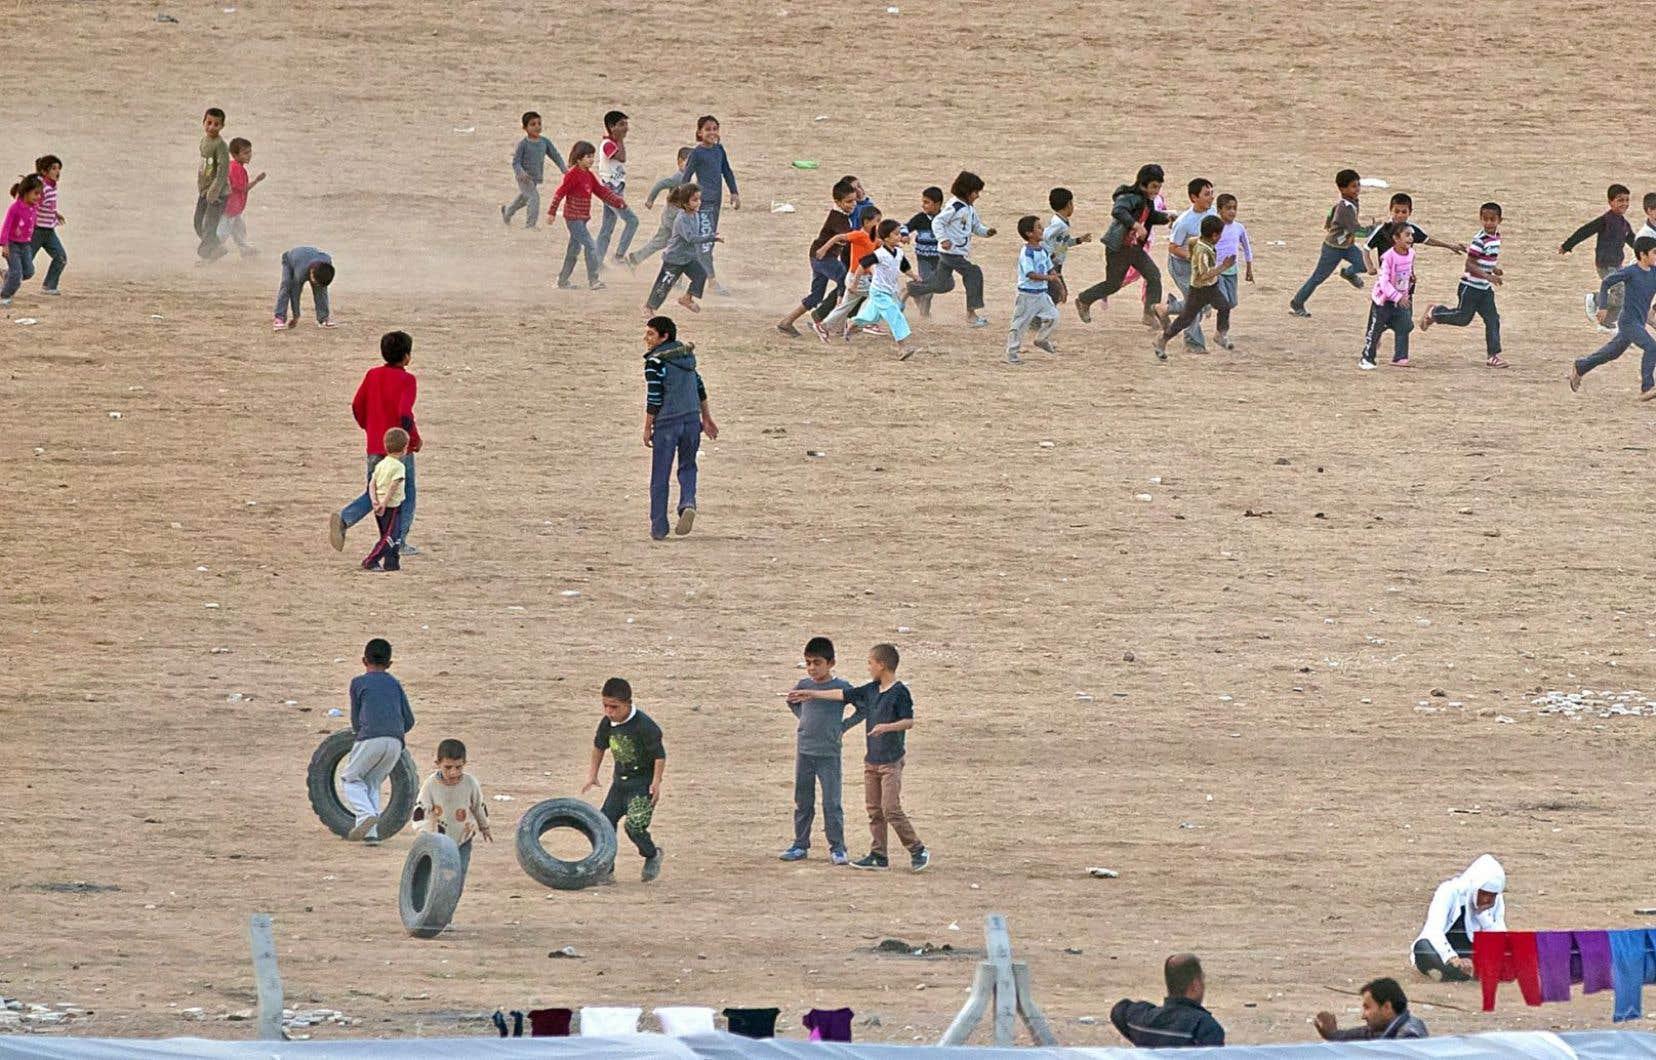 Des enfants réfugiés kurdes syriens jouaient aux abords d'un camp à Suruc, en Turquie, près de la frontière syrienne et de la ville de Kobané, où les combats se poursuivent.